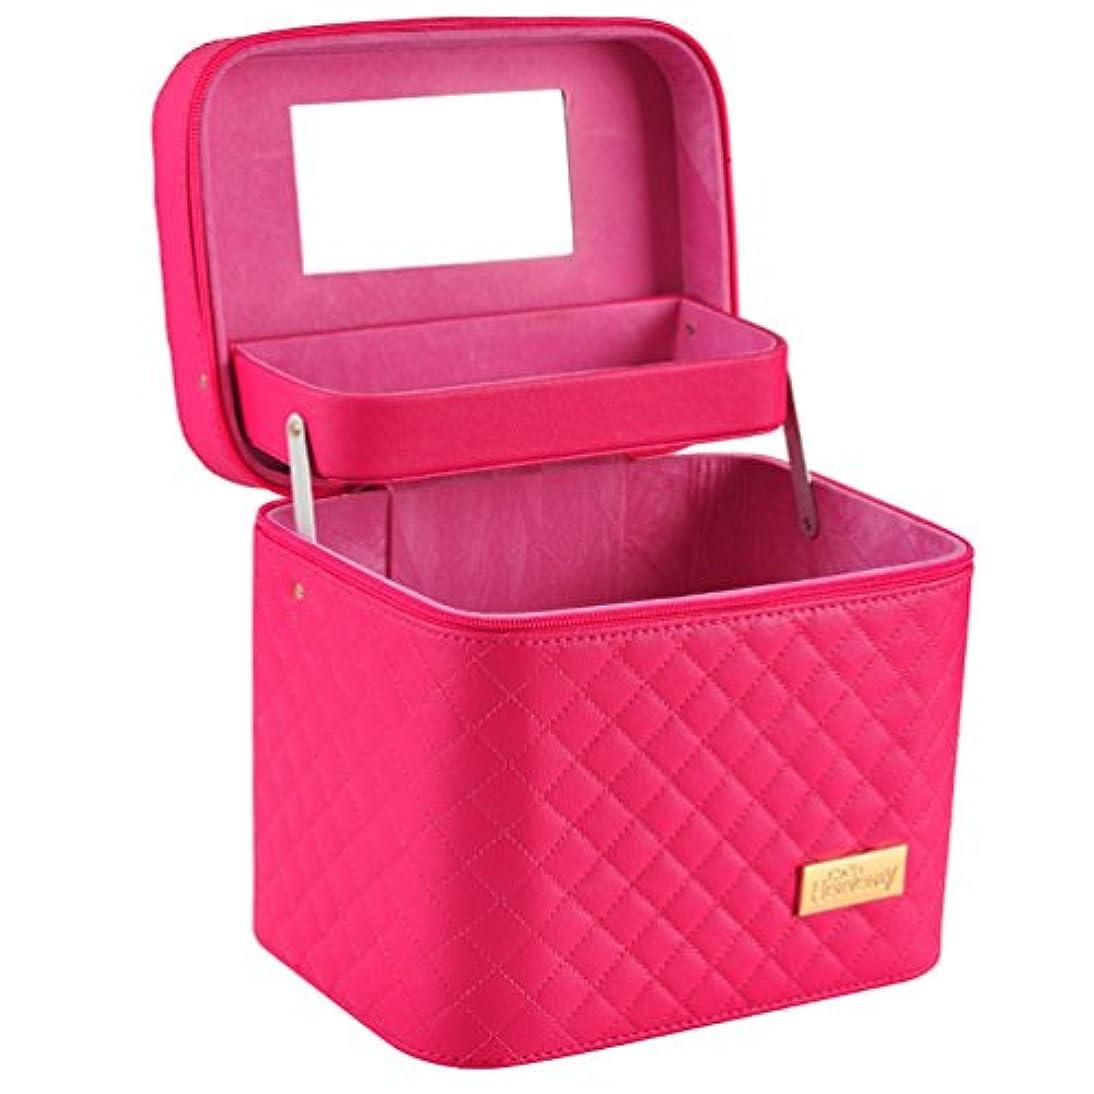 健康警官うめきメイクボックス コスメボックス コスメBOX 大容量 収納ボックス 二層 2段タイプ 化粧ポーチ メイクポーチ 携帯便利 女性用 女の子 ミラー付き 化粧品 取っ手付き おしゃれ 鏡付き 機能的 防水 化粧箱